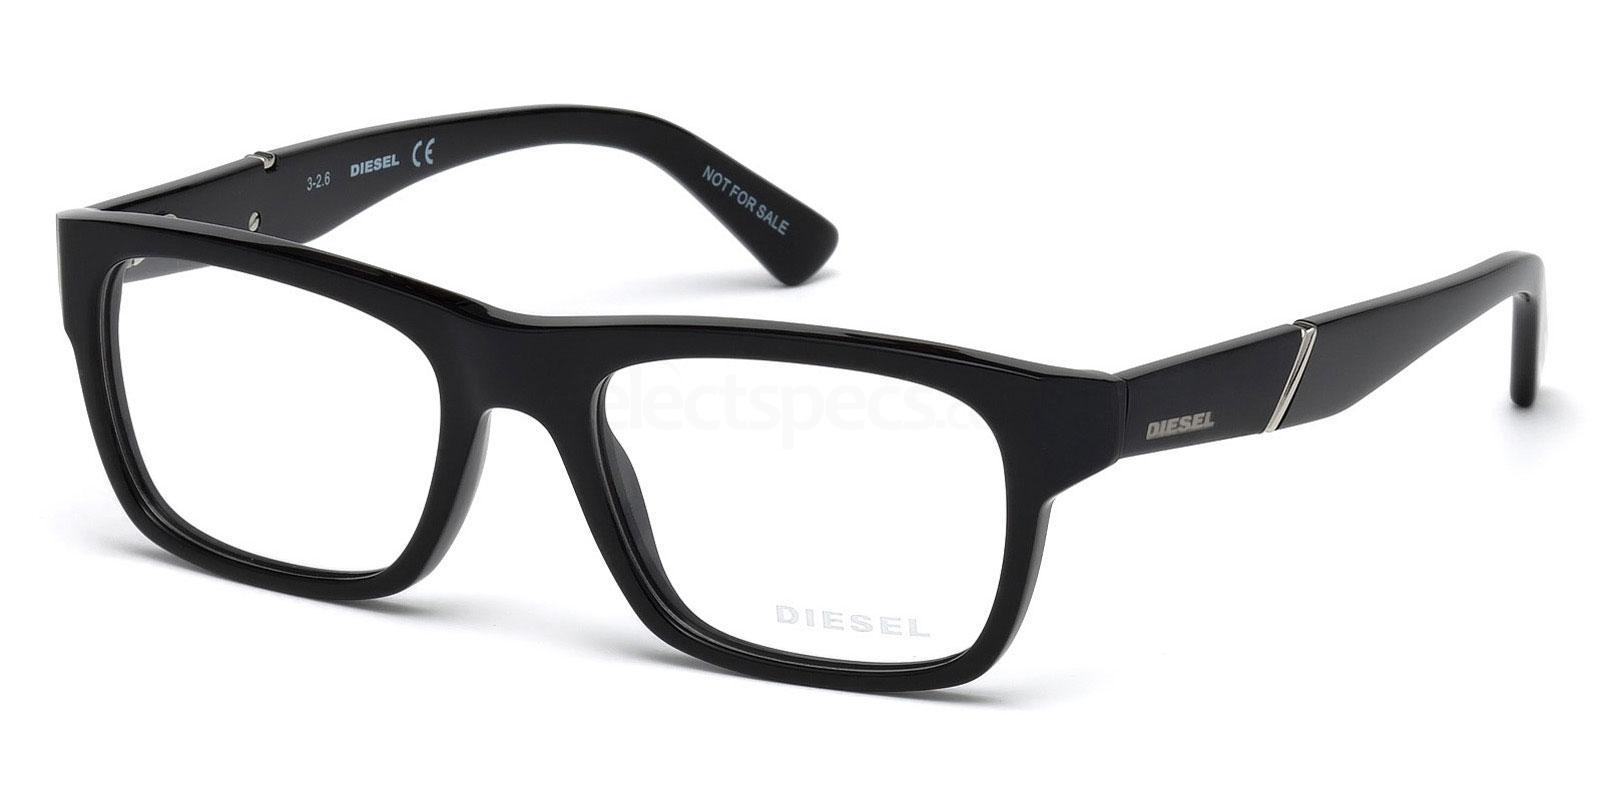 001 DL5240 Glasses, Diesel